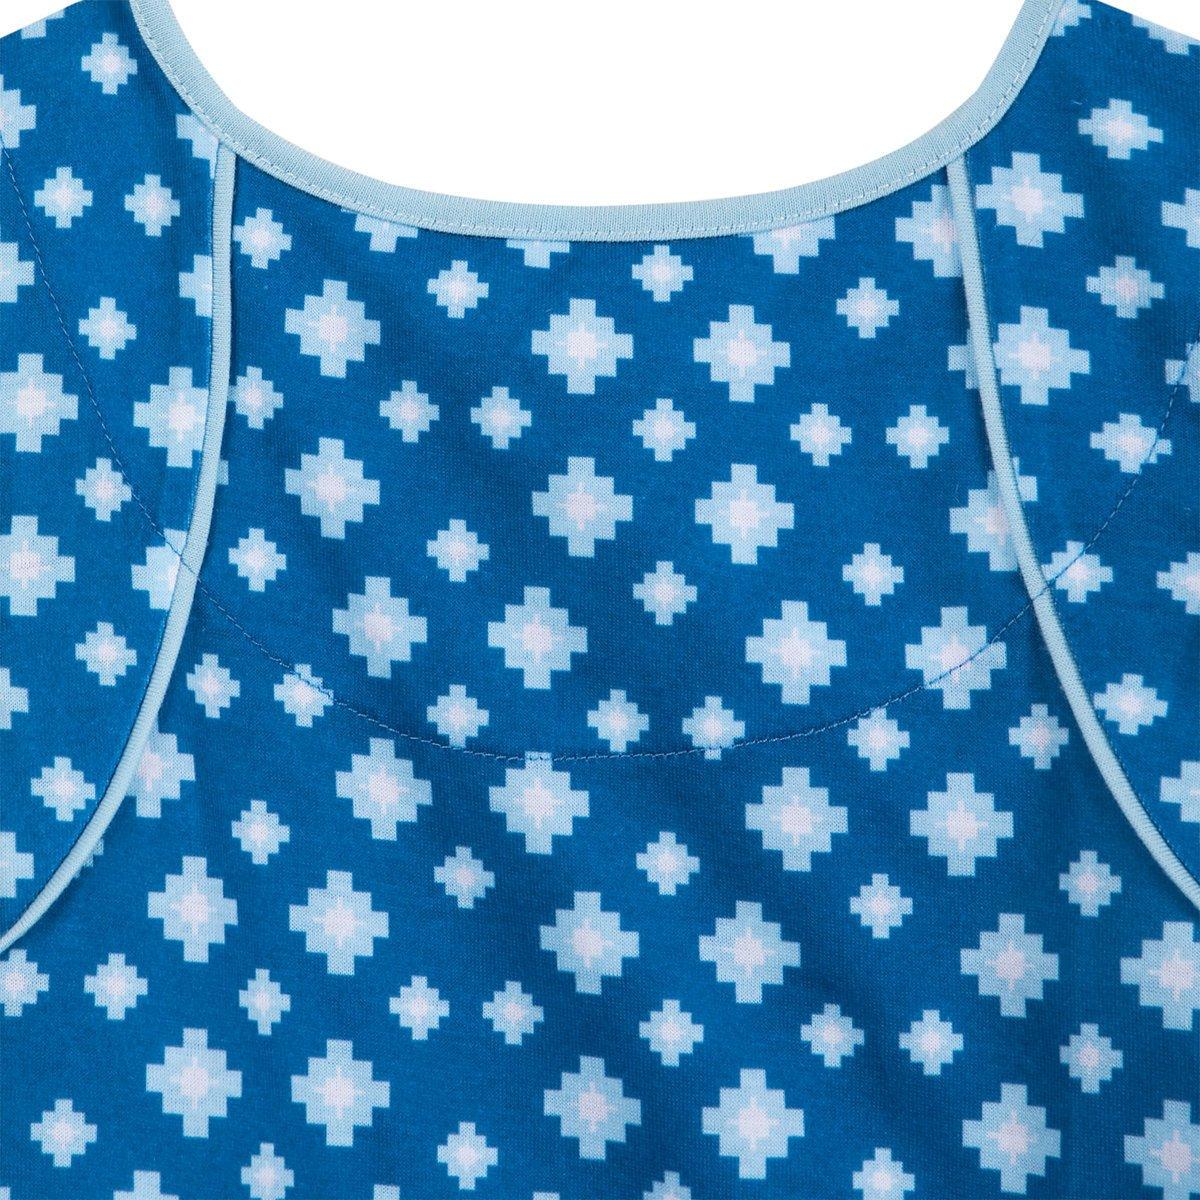 B077GBXTBW Disney Elena of Avalor Nightshirt for Girls Blue 71A9syr69cL